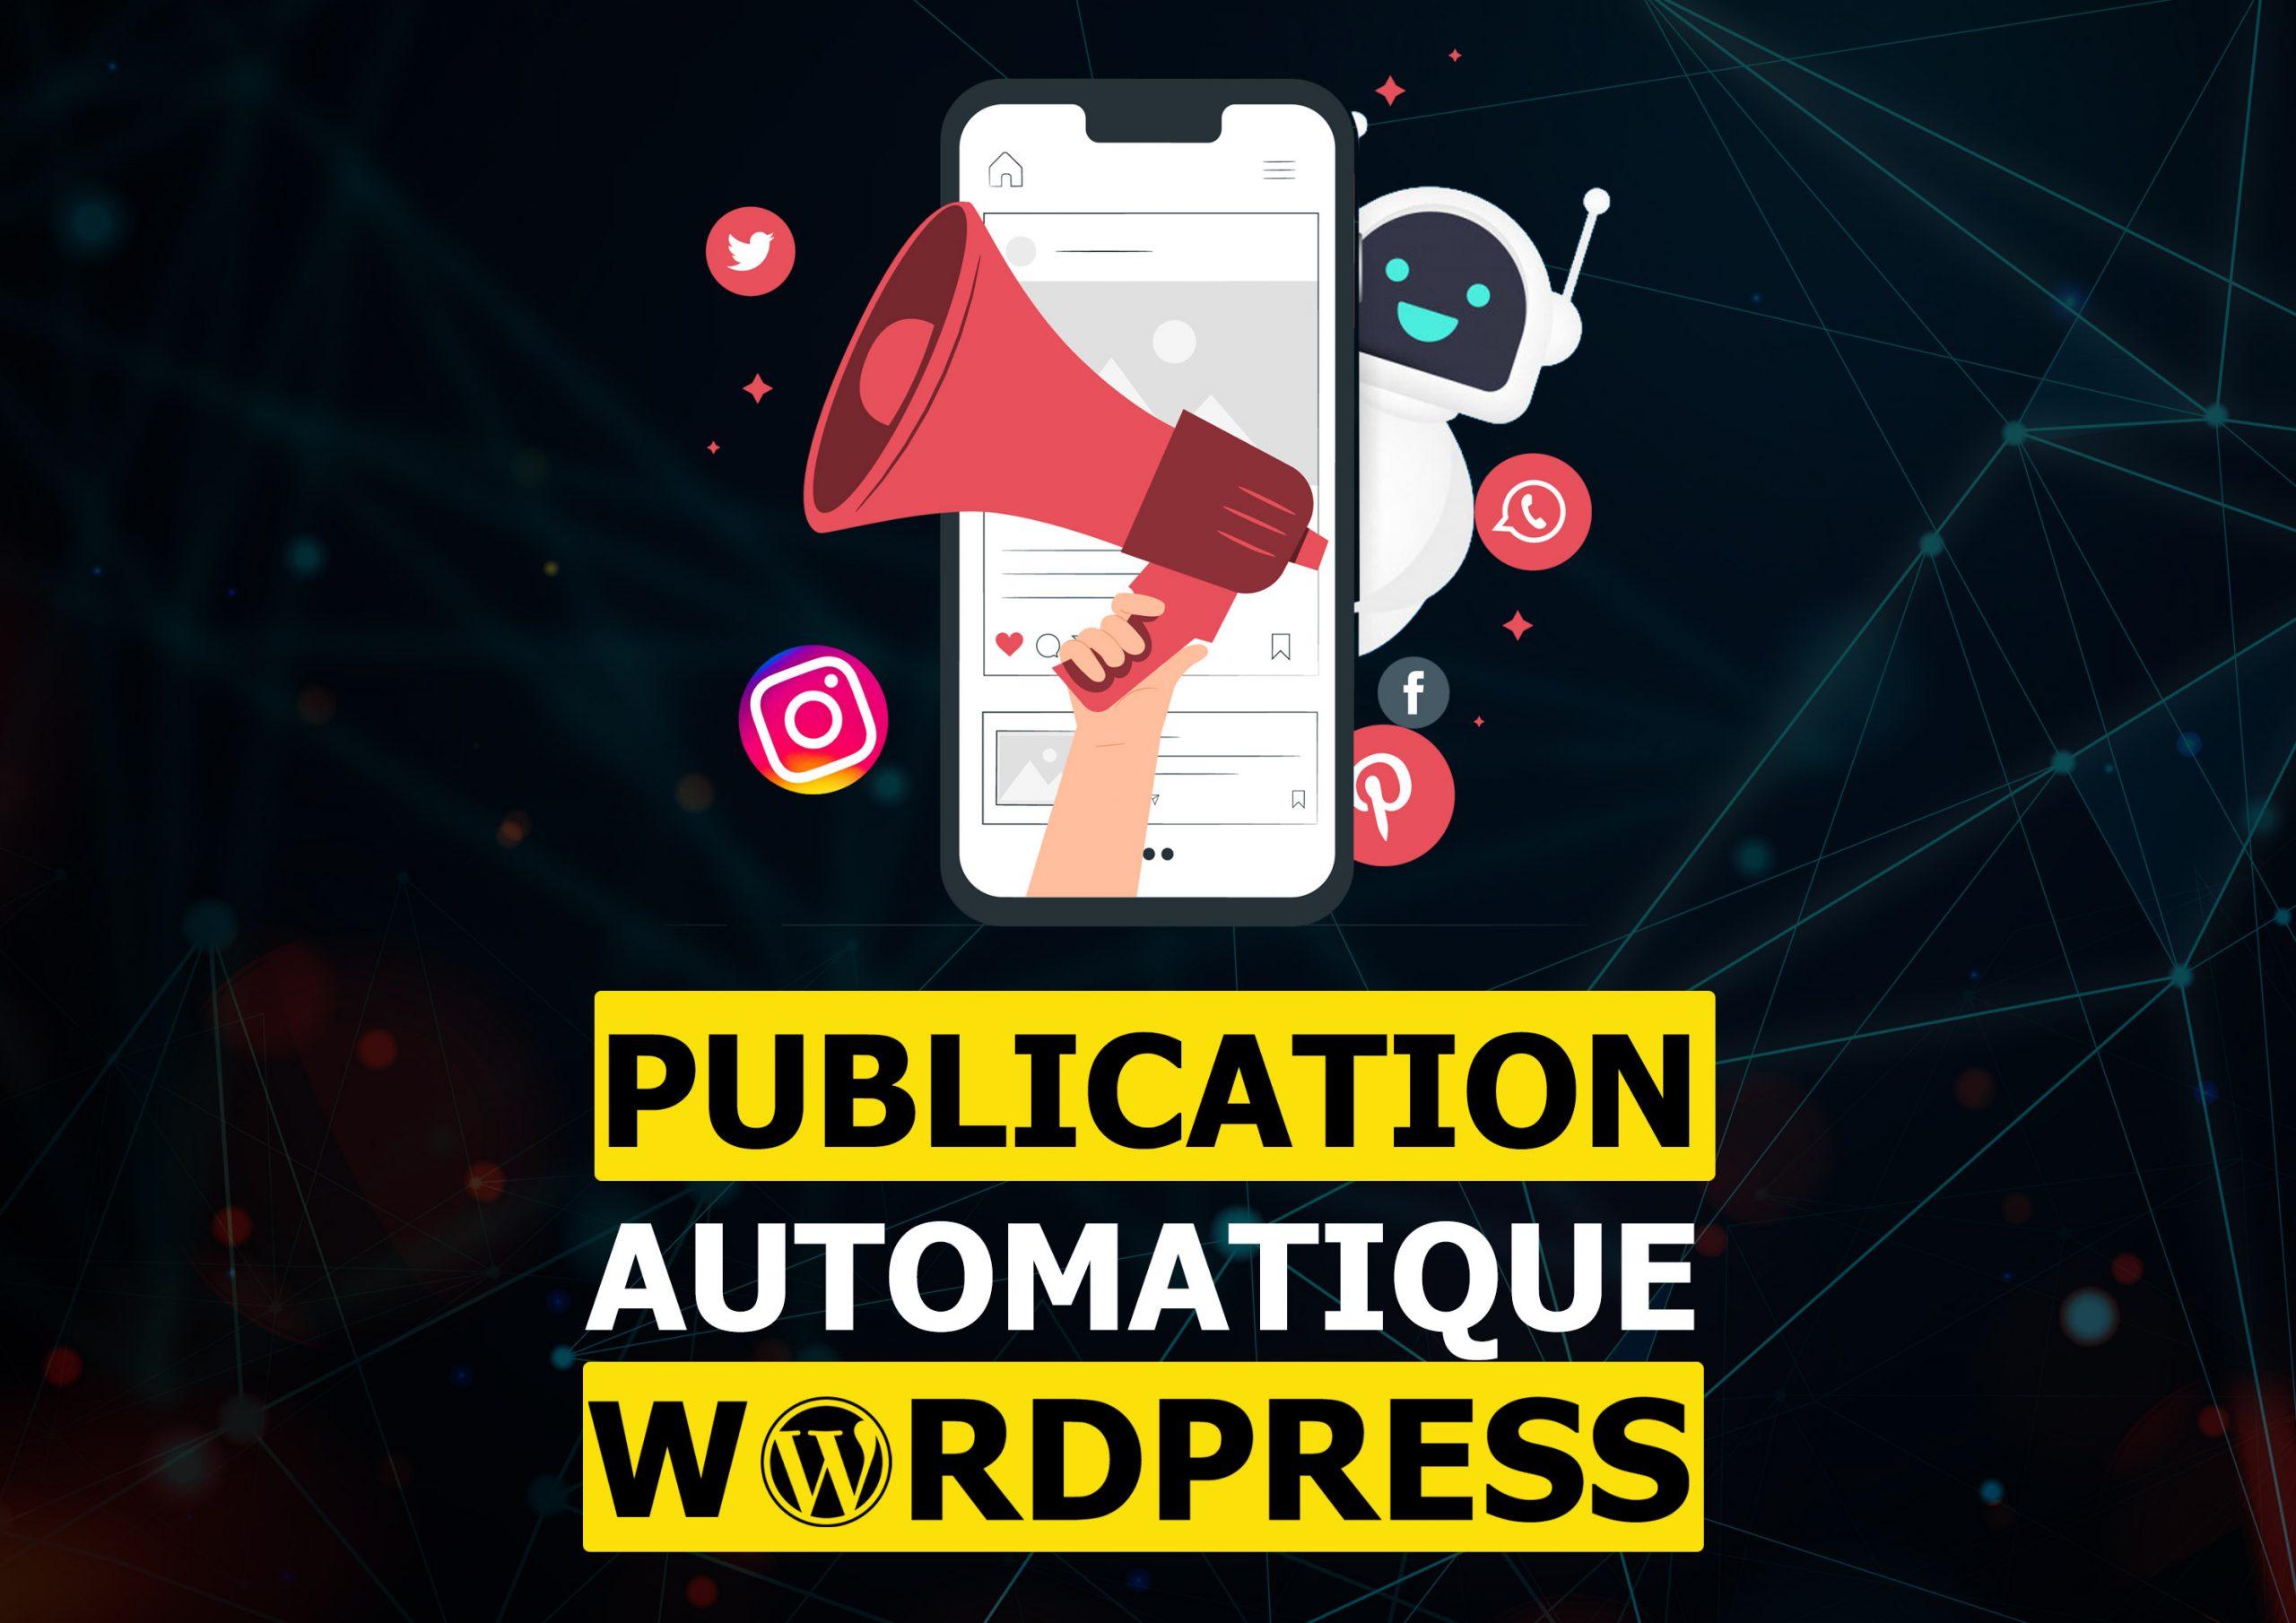 Publiez automatiquement vos articles et produits sur les réseaux sociaux à chaque publication via votre site web